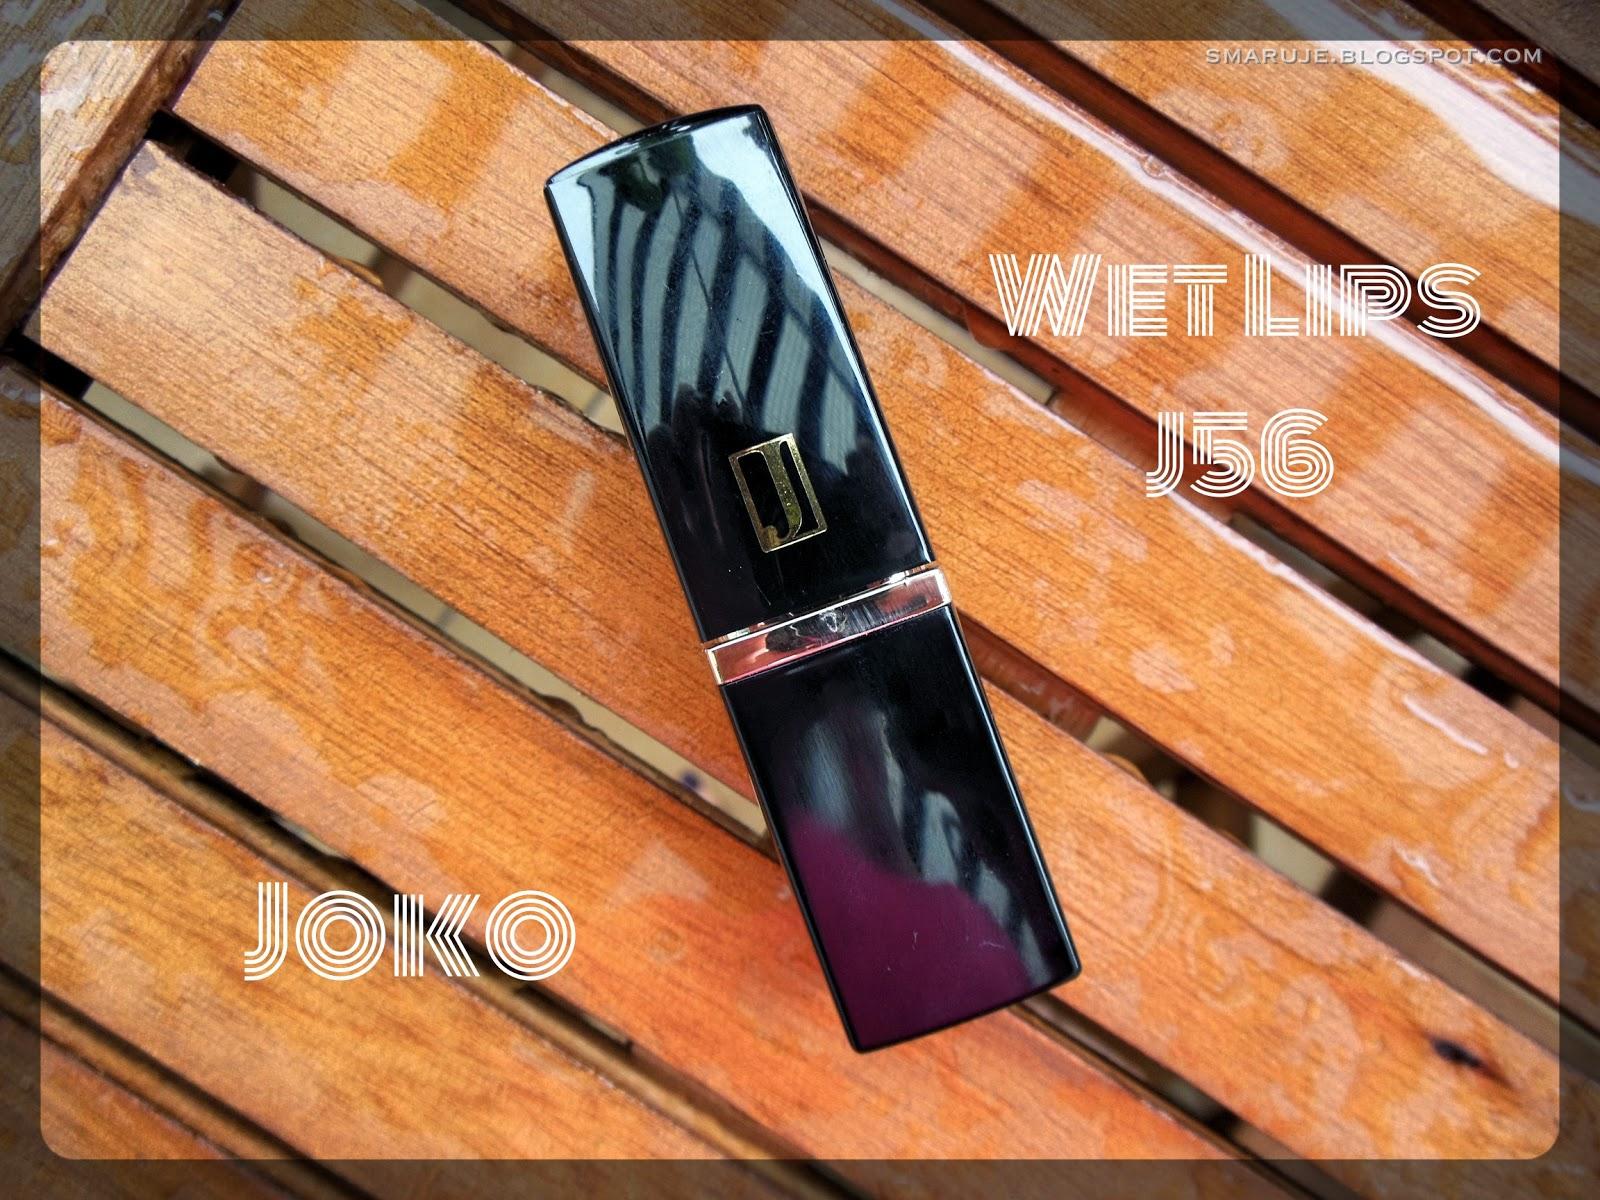 Dyskretne nawilżanie z Joko: Wet Lips, J56